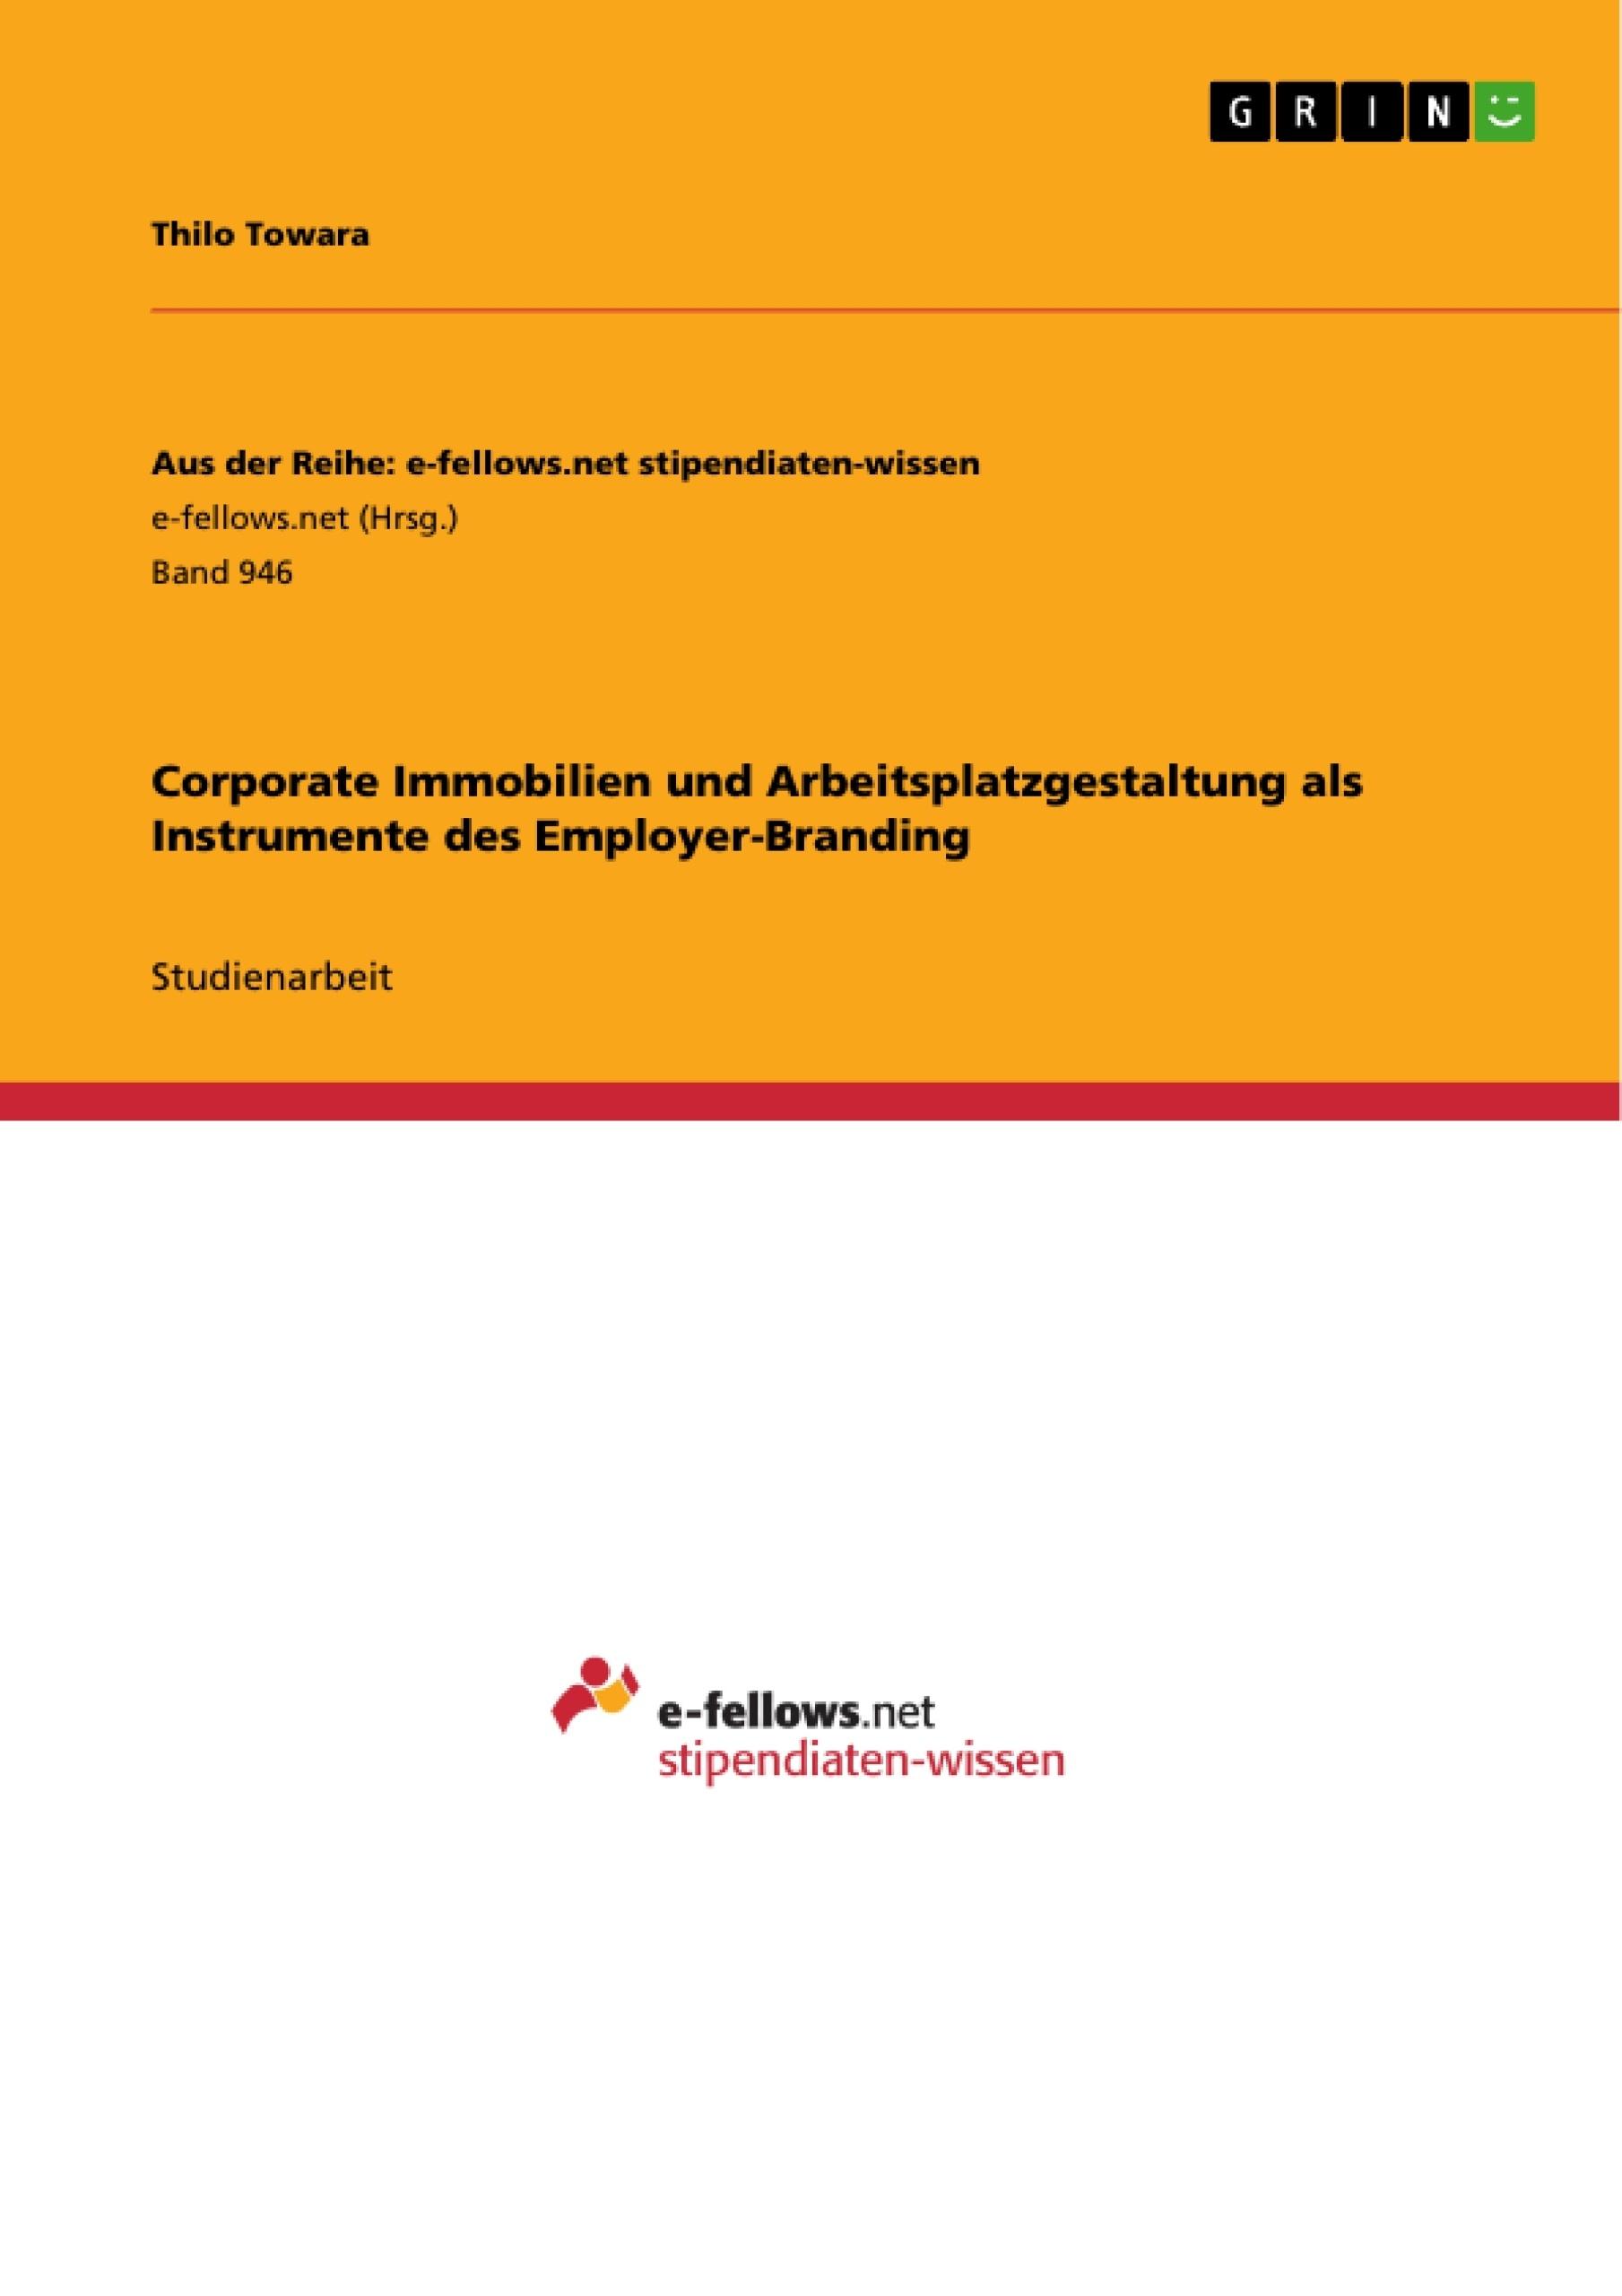 Titel: Corporate Immobilien und Arbeitsplatzgestaltung als Instrumente des Employer-Branding